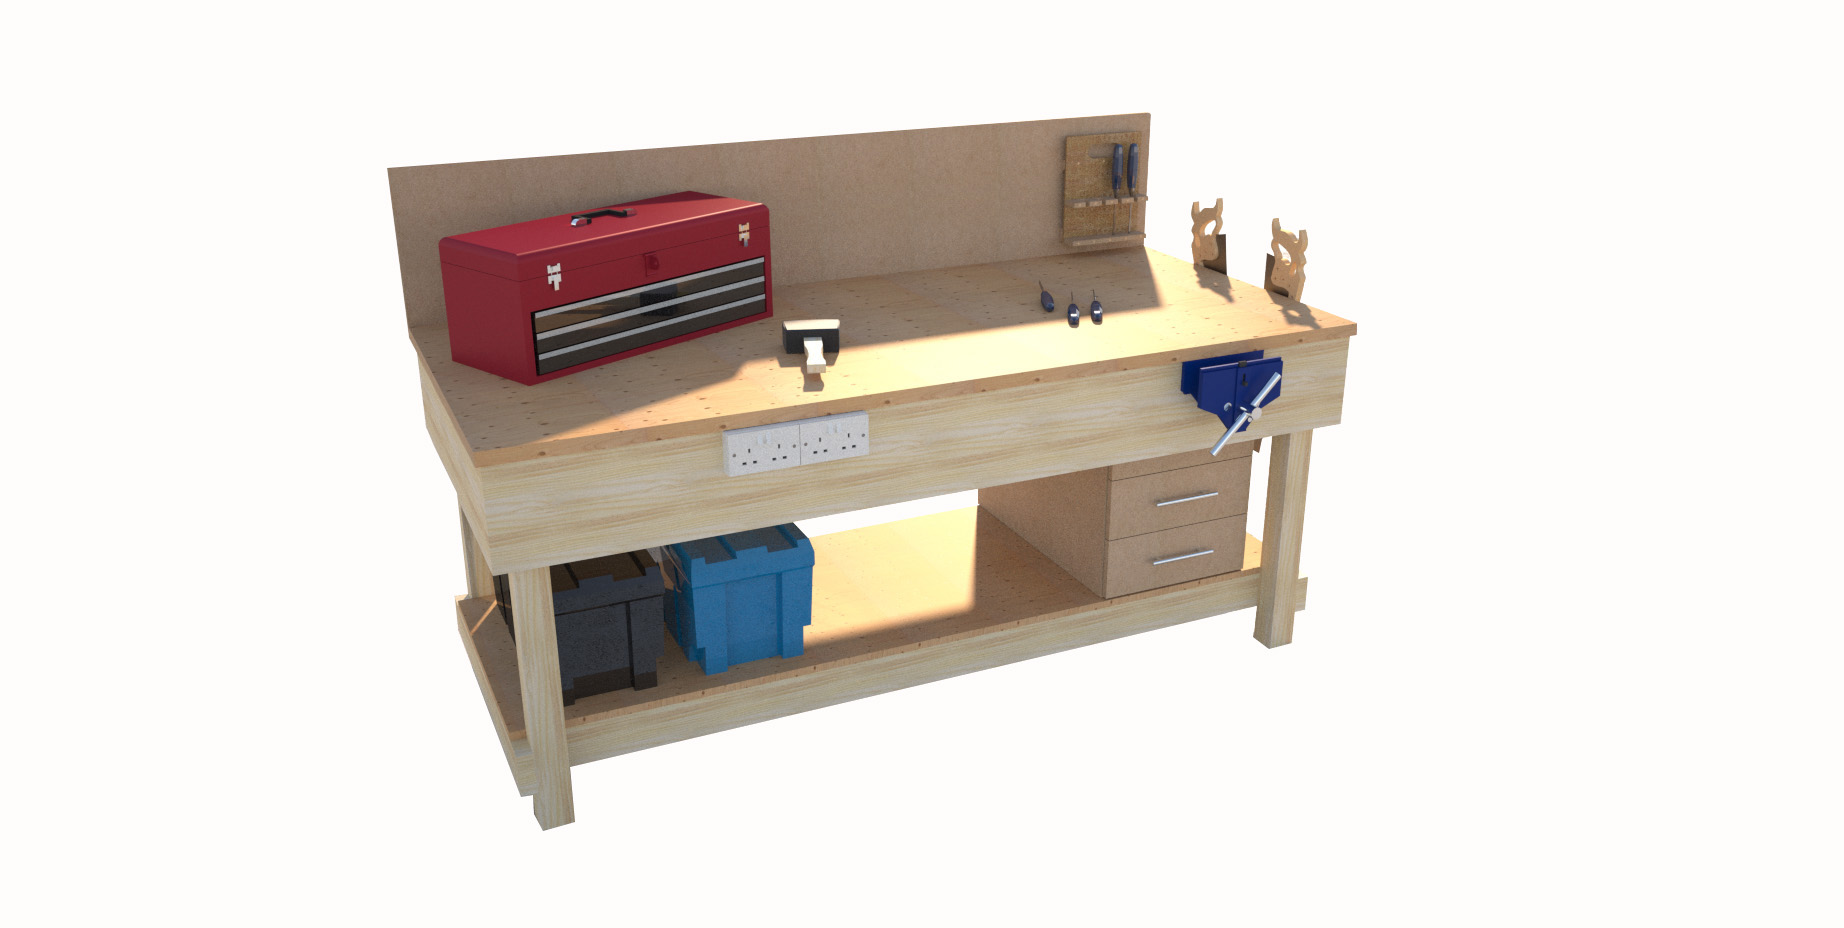 full-wooden-table